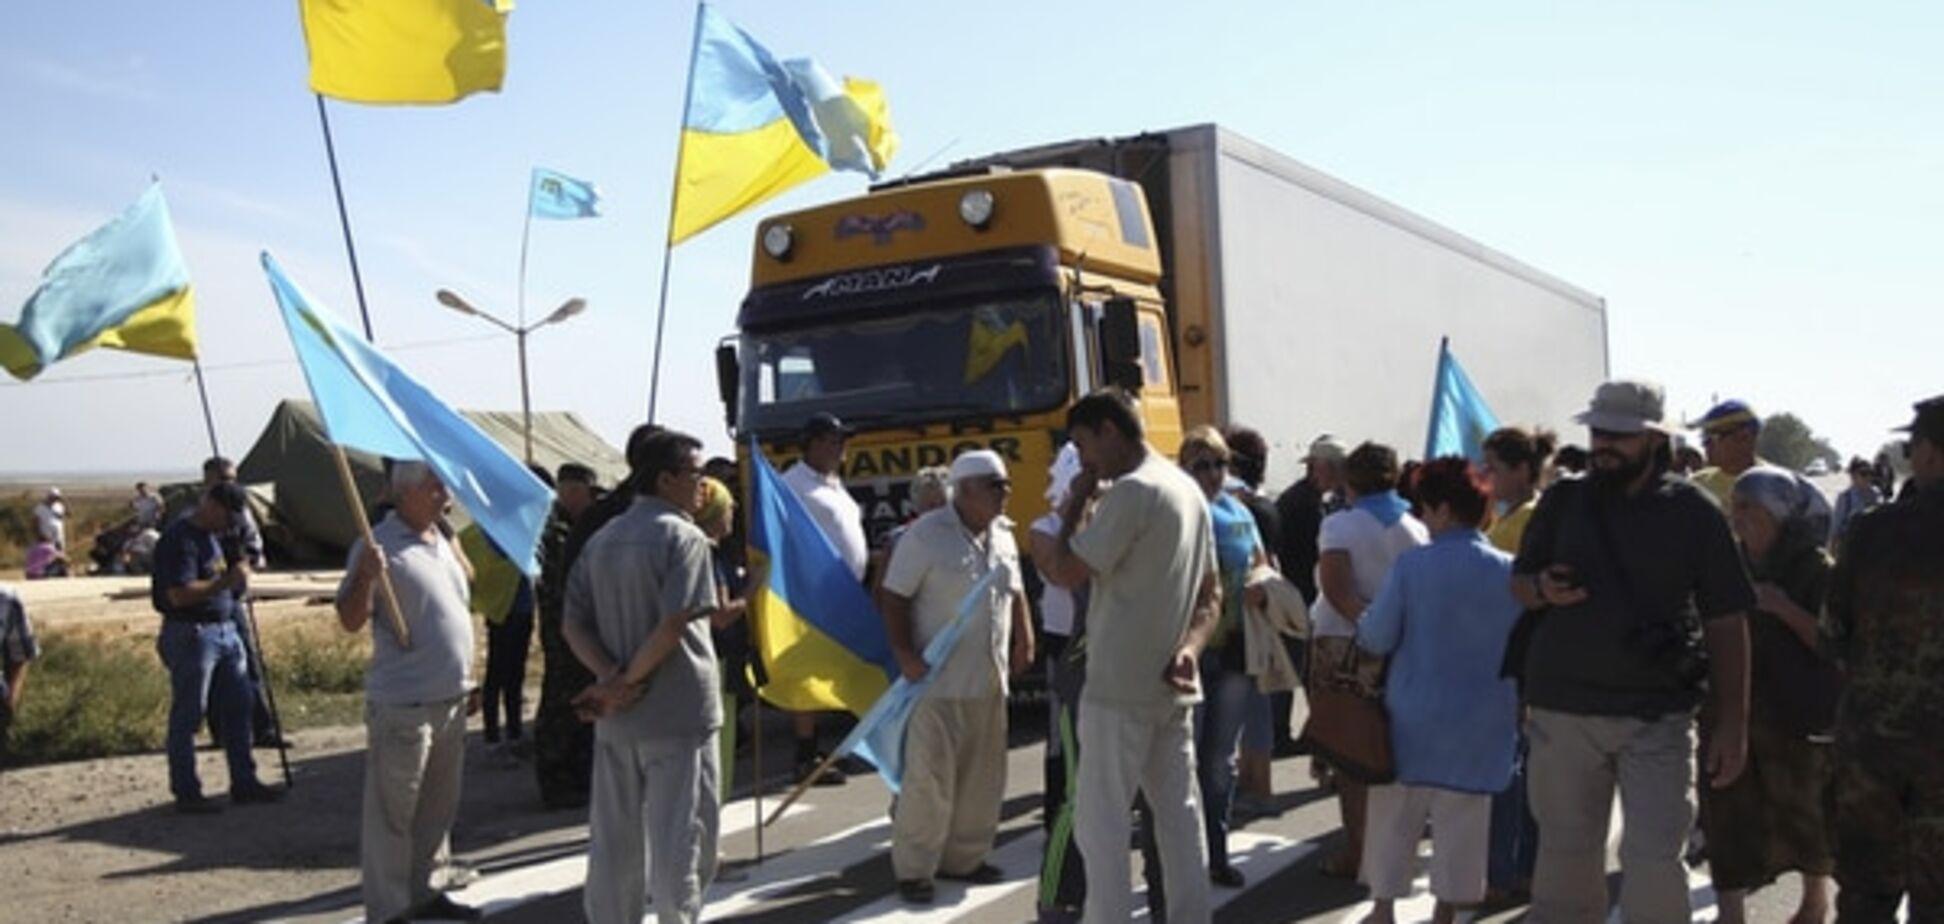 За місяць блокади Криму кількість охочих перетнути 'кордон' знизилася в шість разів